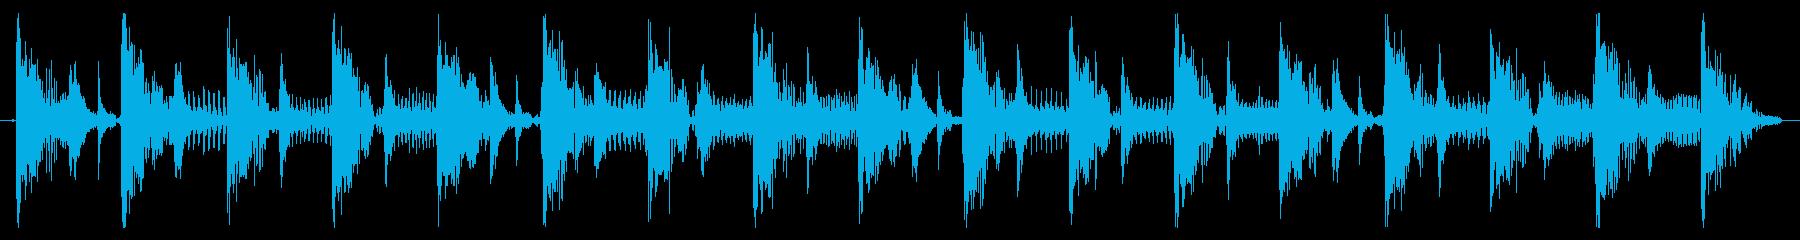 ベース生演奏のクールスラップジングル09の再生済みの波形